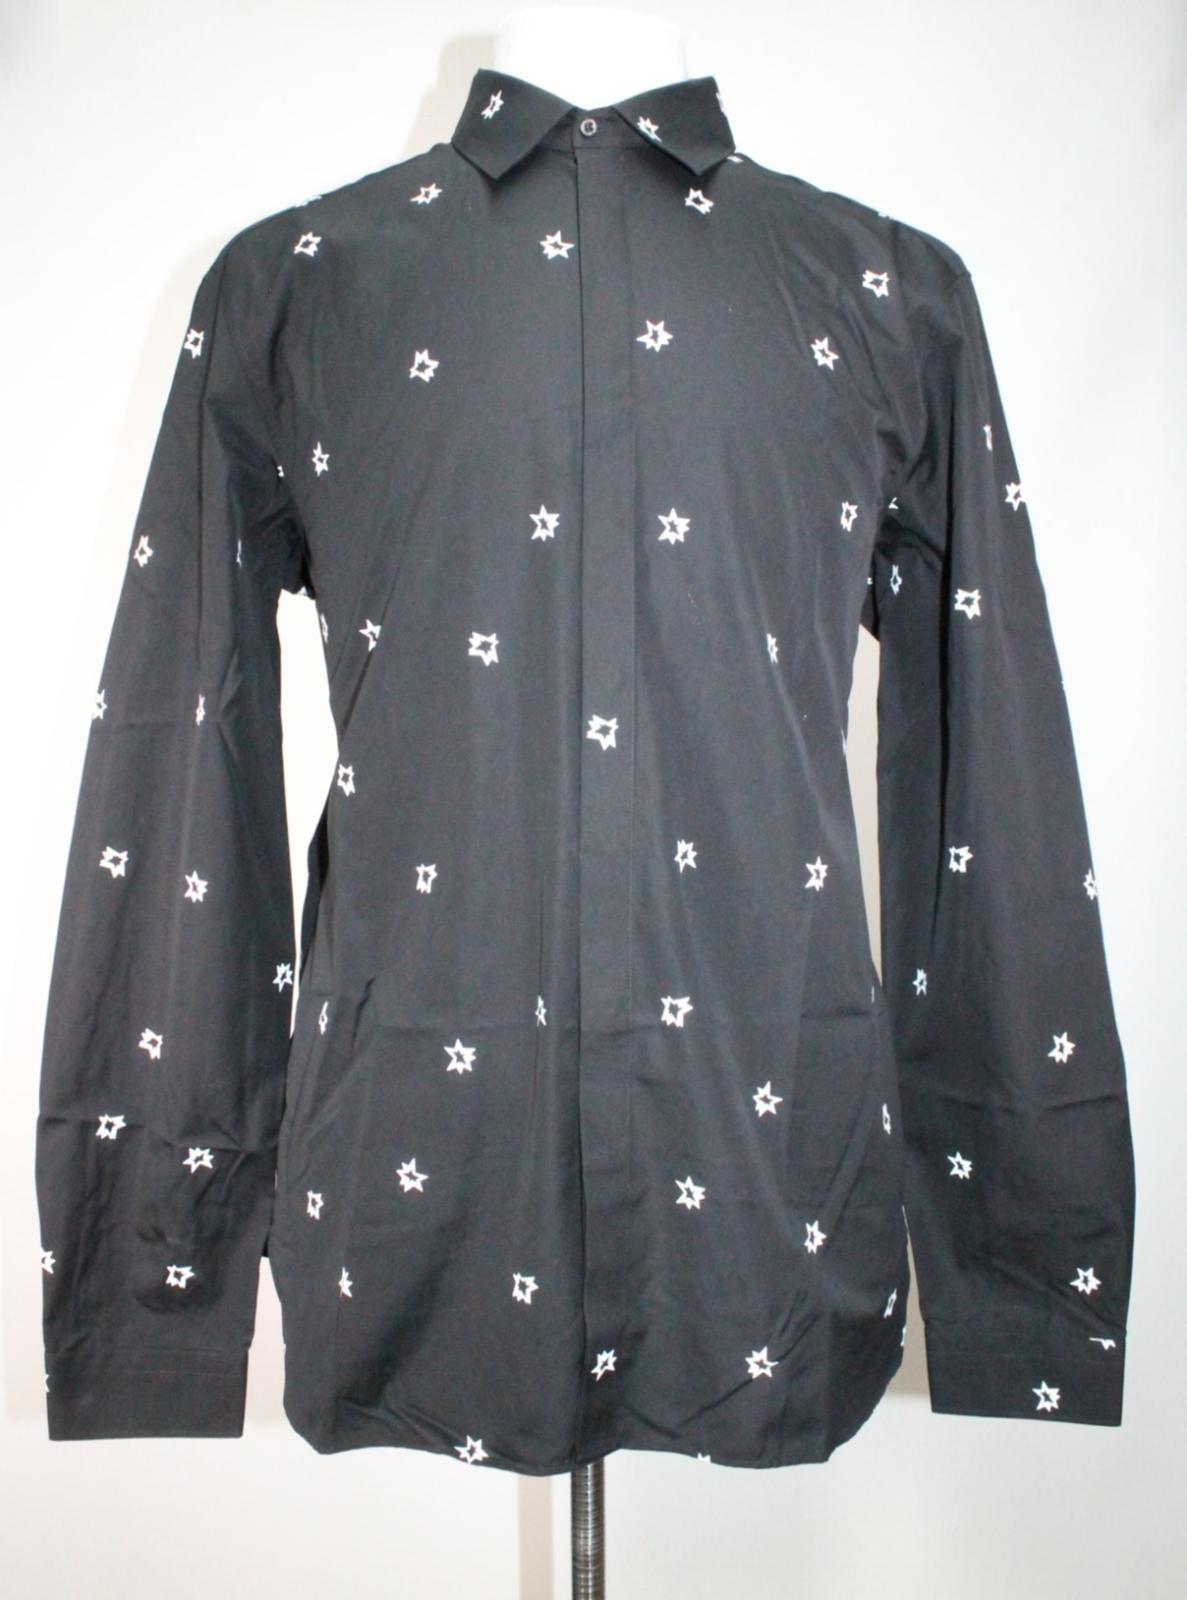 Neil-Barrett-Hombre-Negro-Algodon-Estampado-de-Estrellas-Calce-Ajustado-Camisa-Con-Cuello-16-5-034 miniatura 2